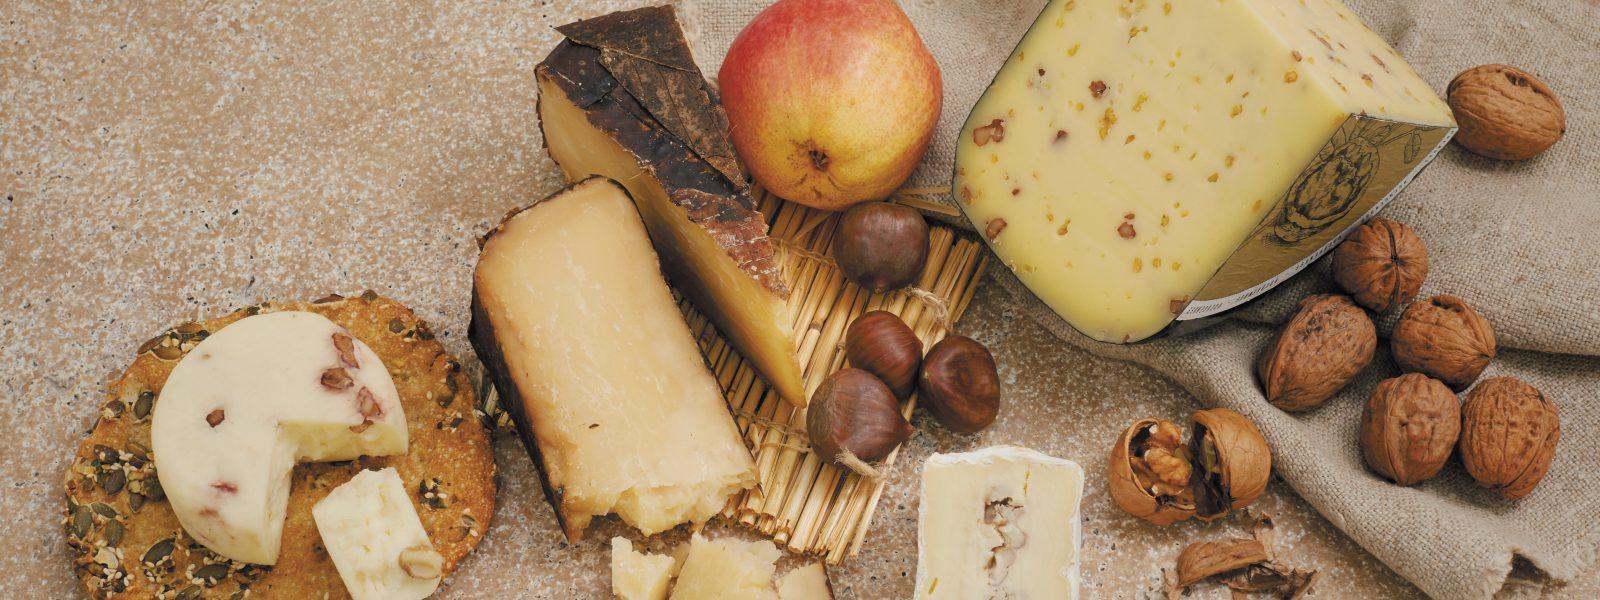 Stilbild mit dem Hochgenuss Käse dekorativ angerichtet